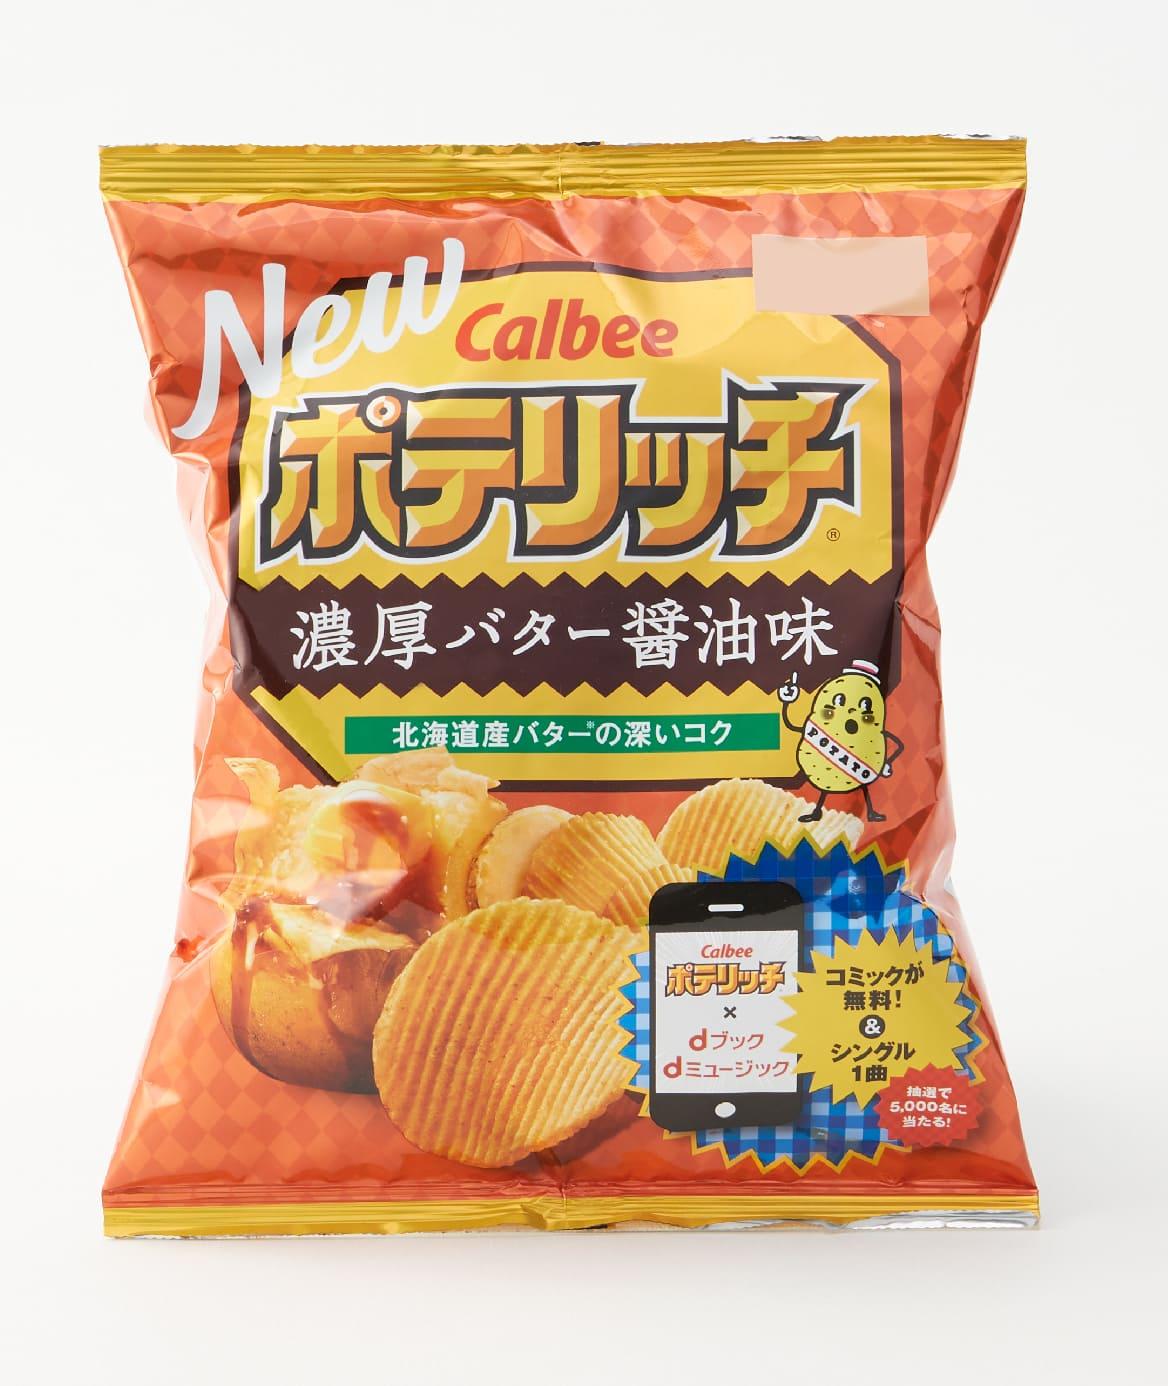 カルビー-ポテリッチ濃厚バター醤油味のパッケージ